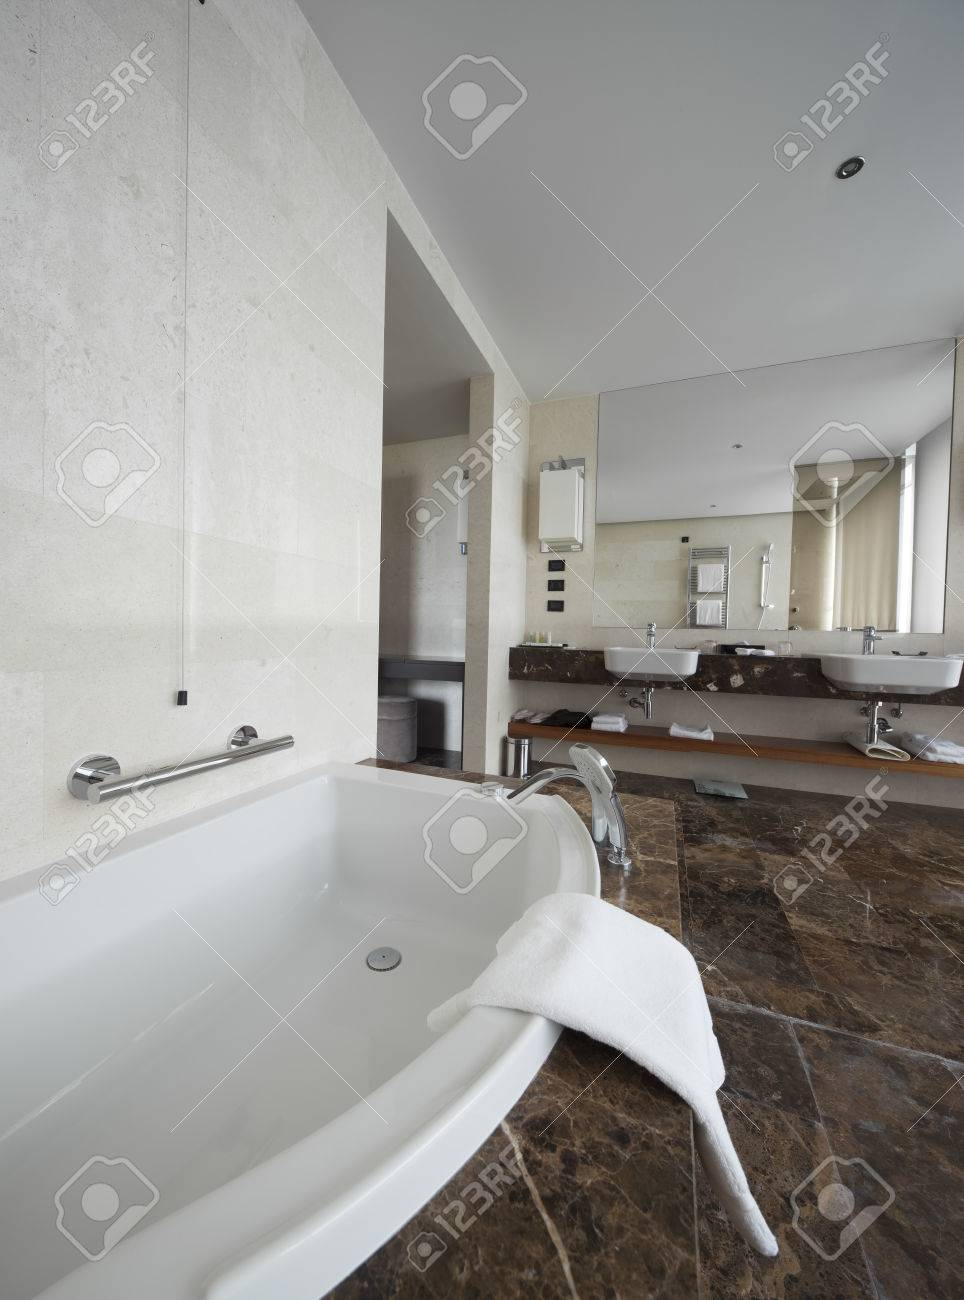 Intérieur salle de bains moderne avec lavabo double et de grands miroirs,  baignoire, tuiles, fenêtre de vue et les serviettes.